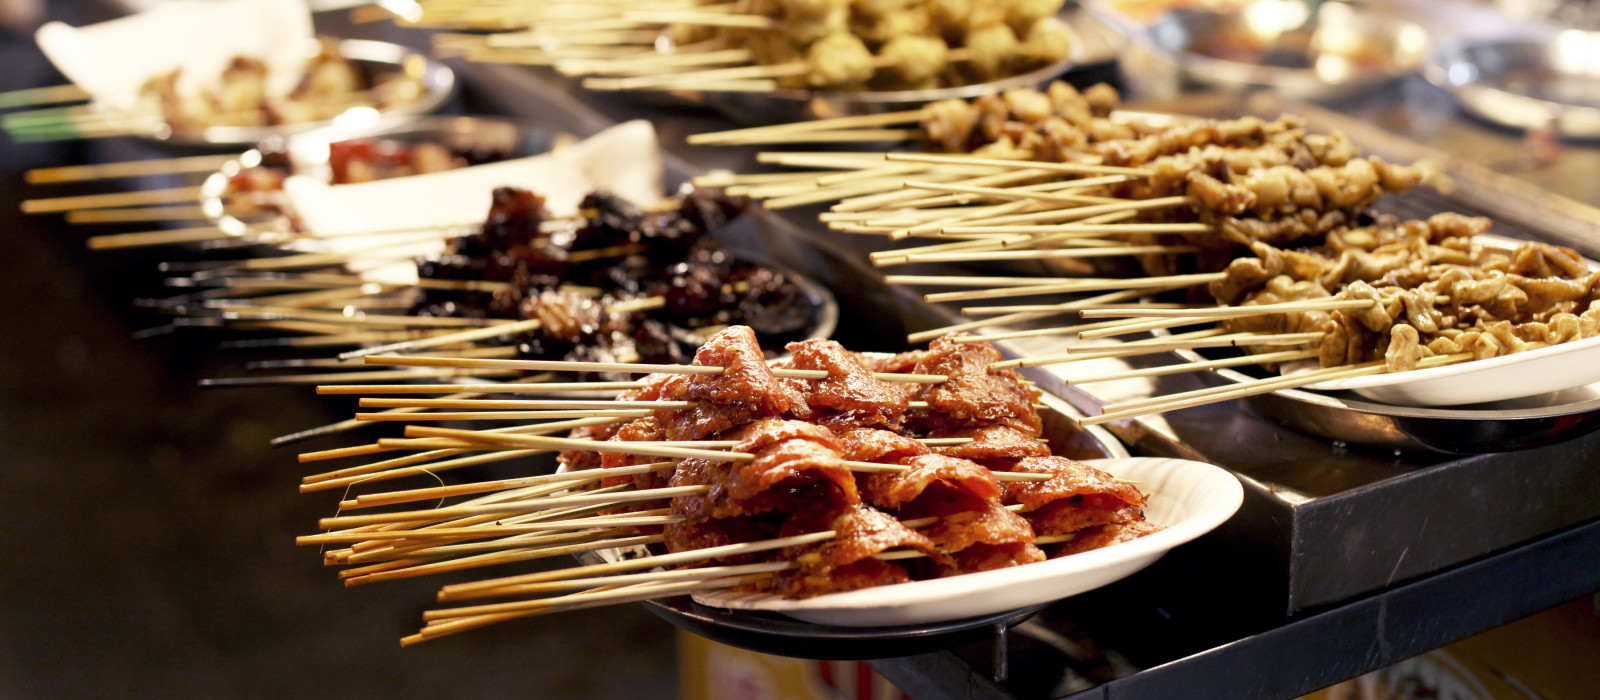 Street food in Kuala-Lumpur, Malaysia, Asia - cuisine in Malaysia